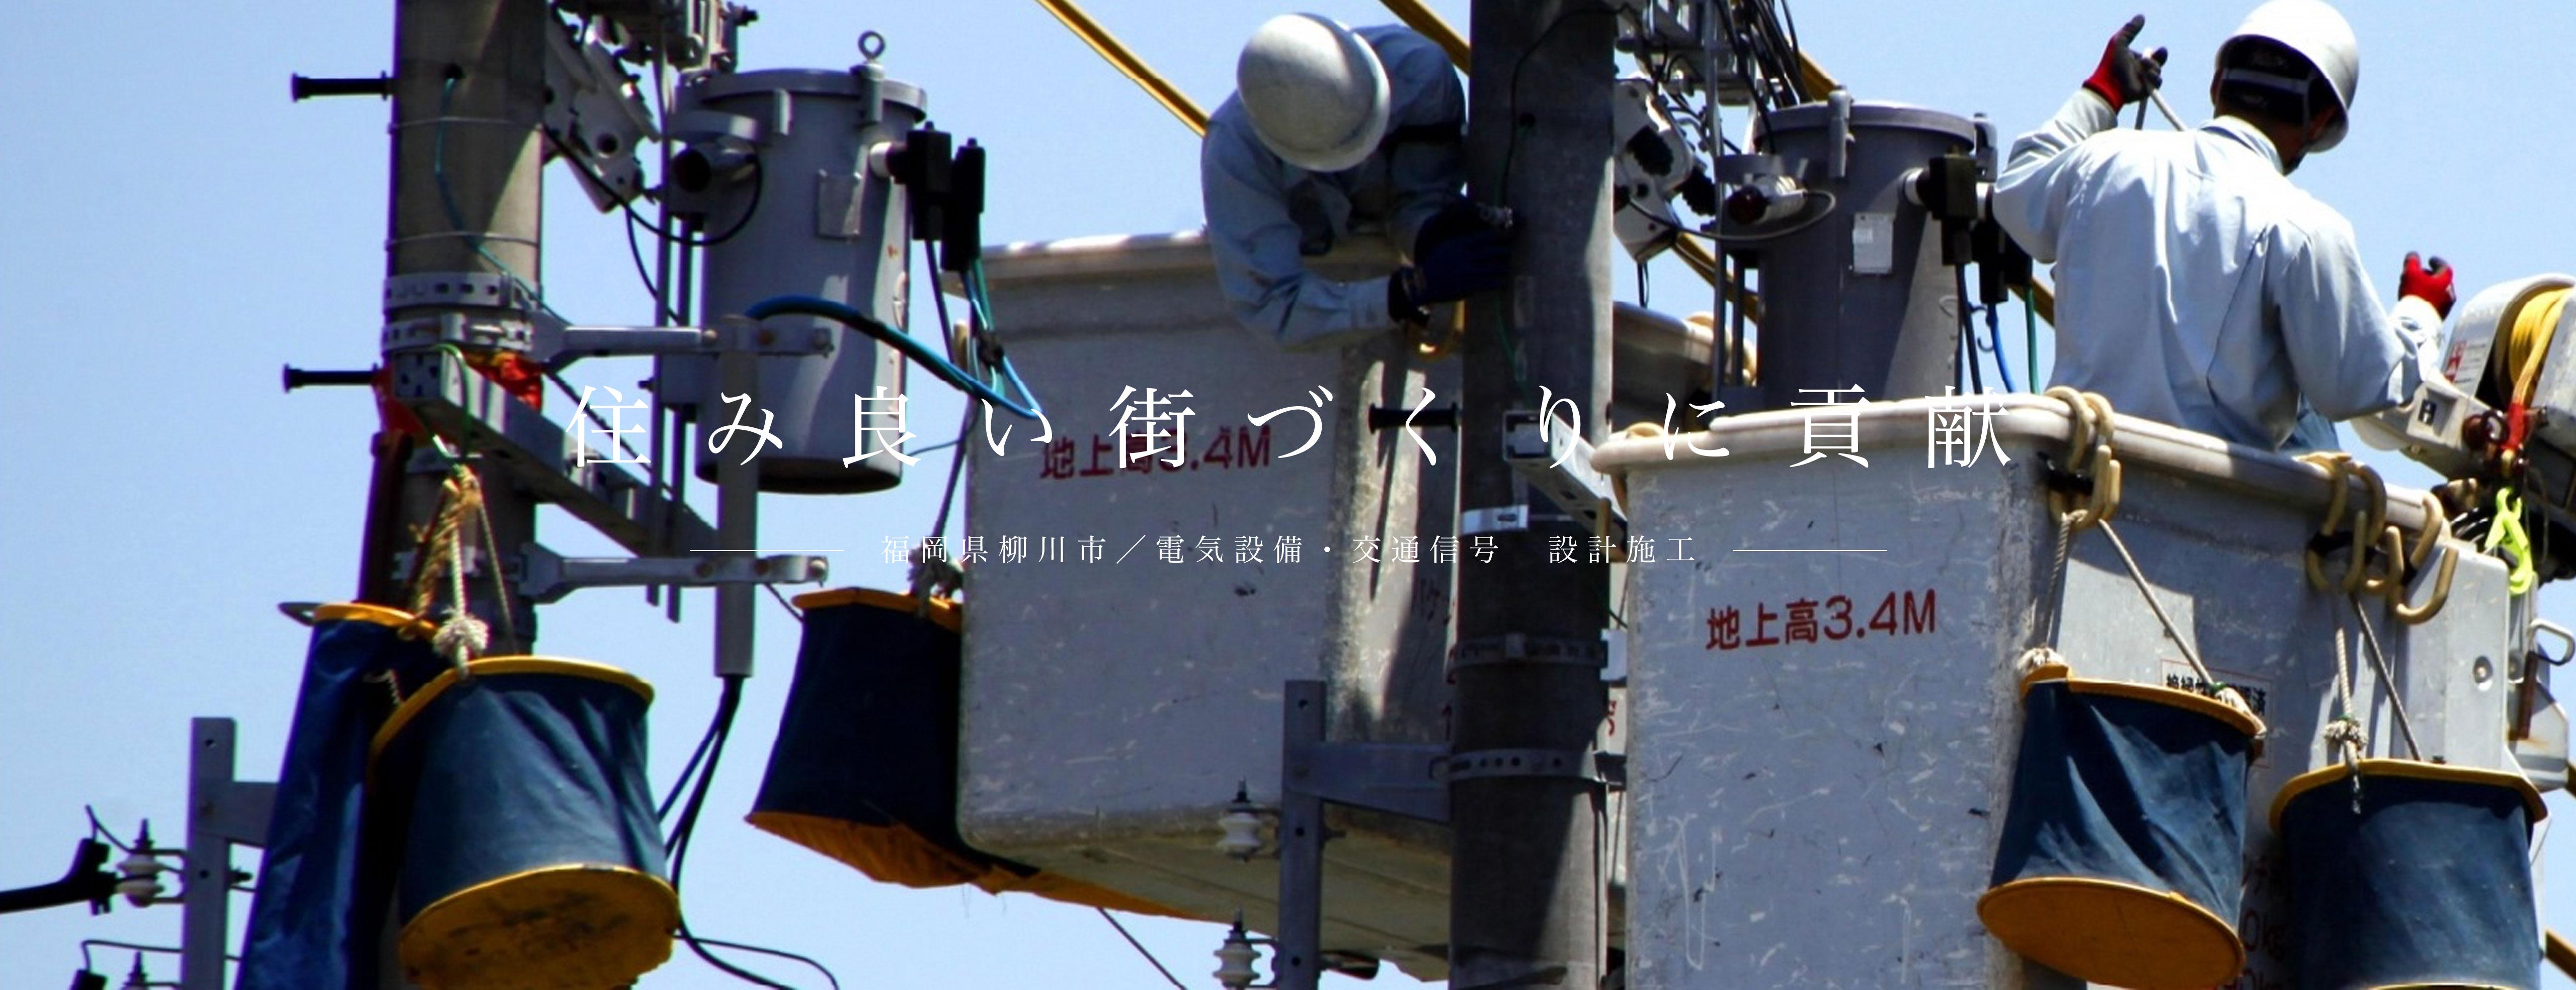 住み良い街づくりに貢献 福岡県柳川市/電気設備・交通信号 設計施工